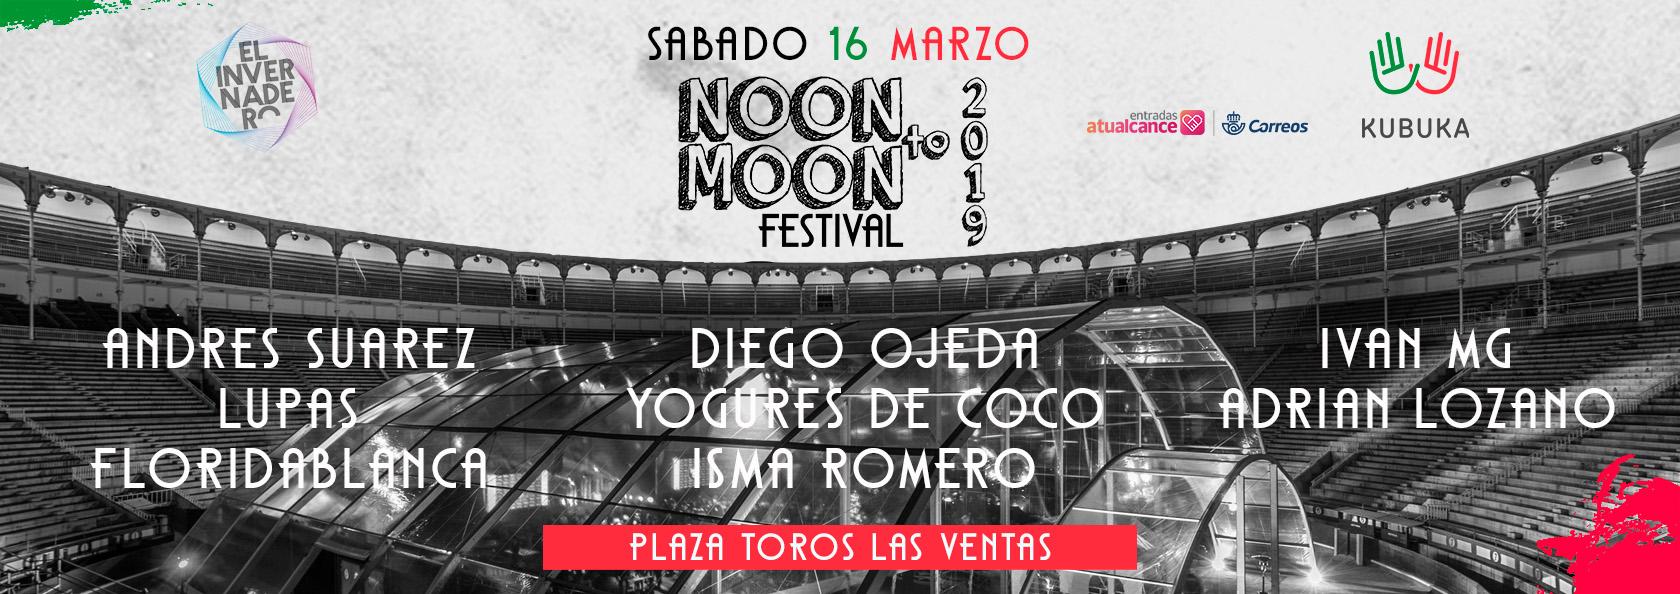 noon-to-moon-2019-en-el-invernadero-5c88